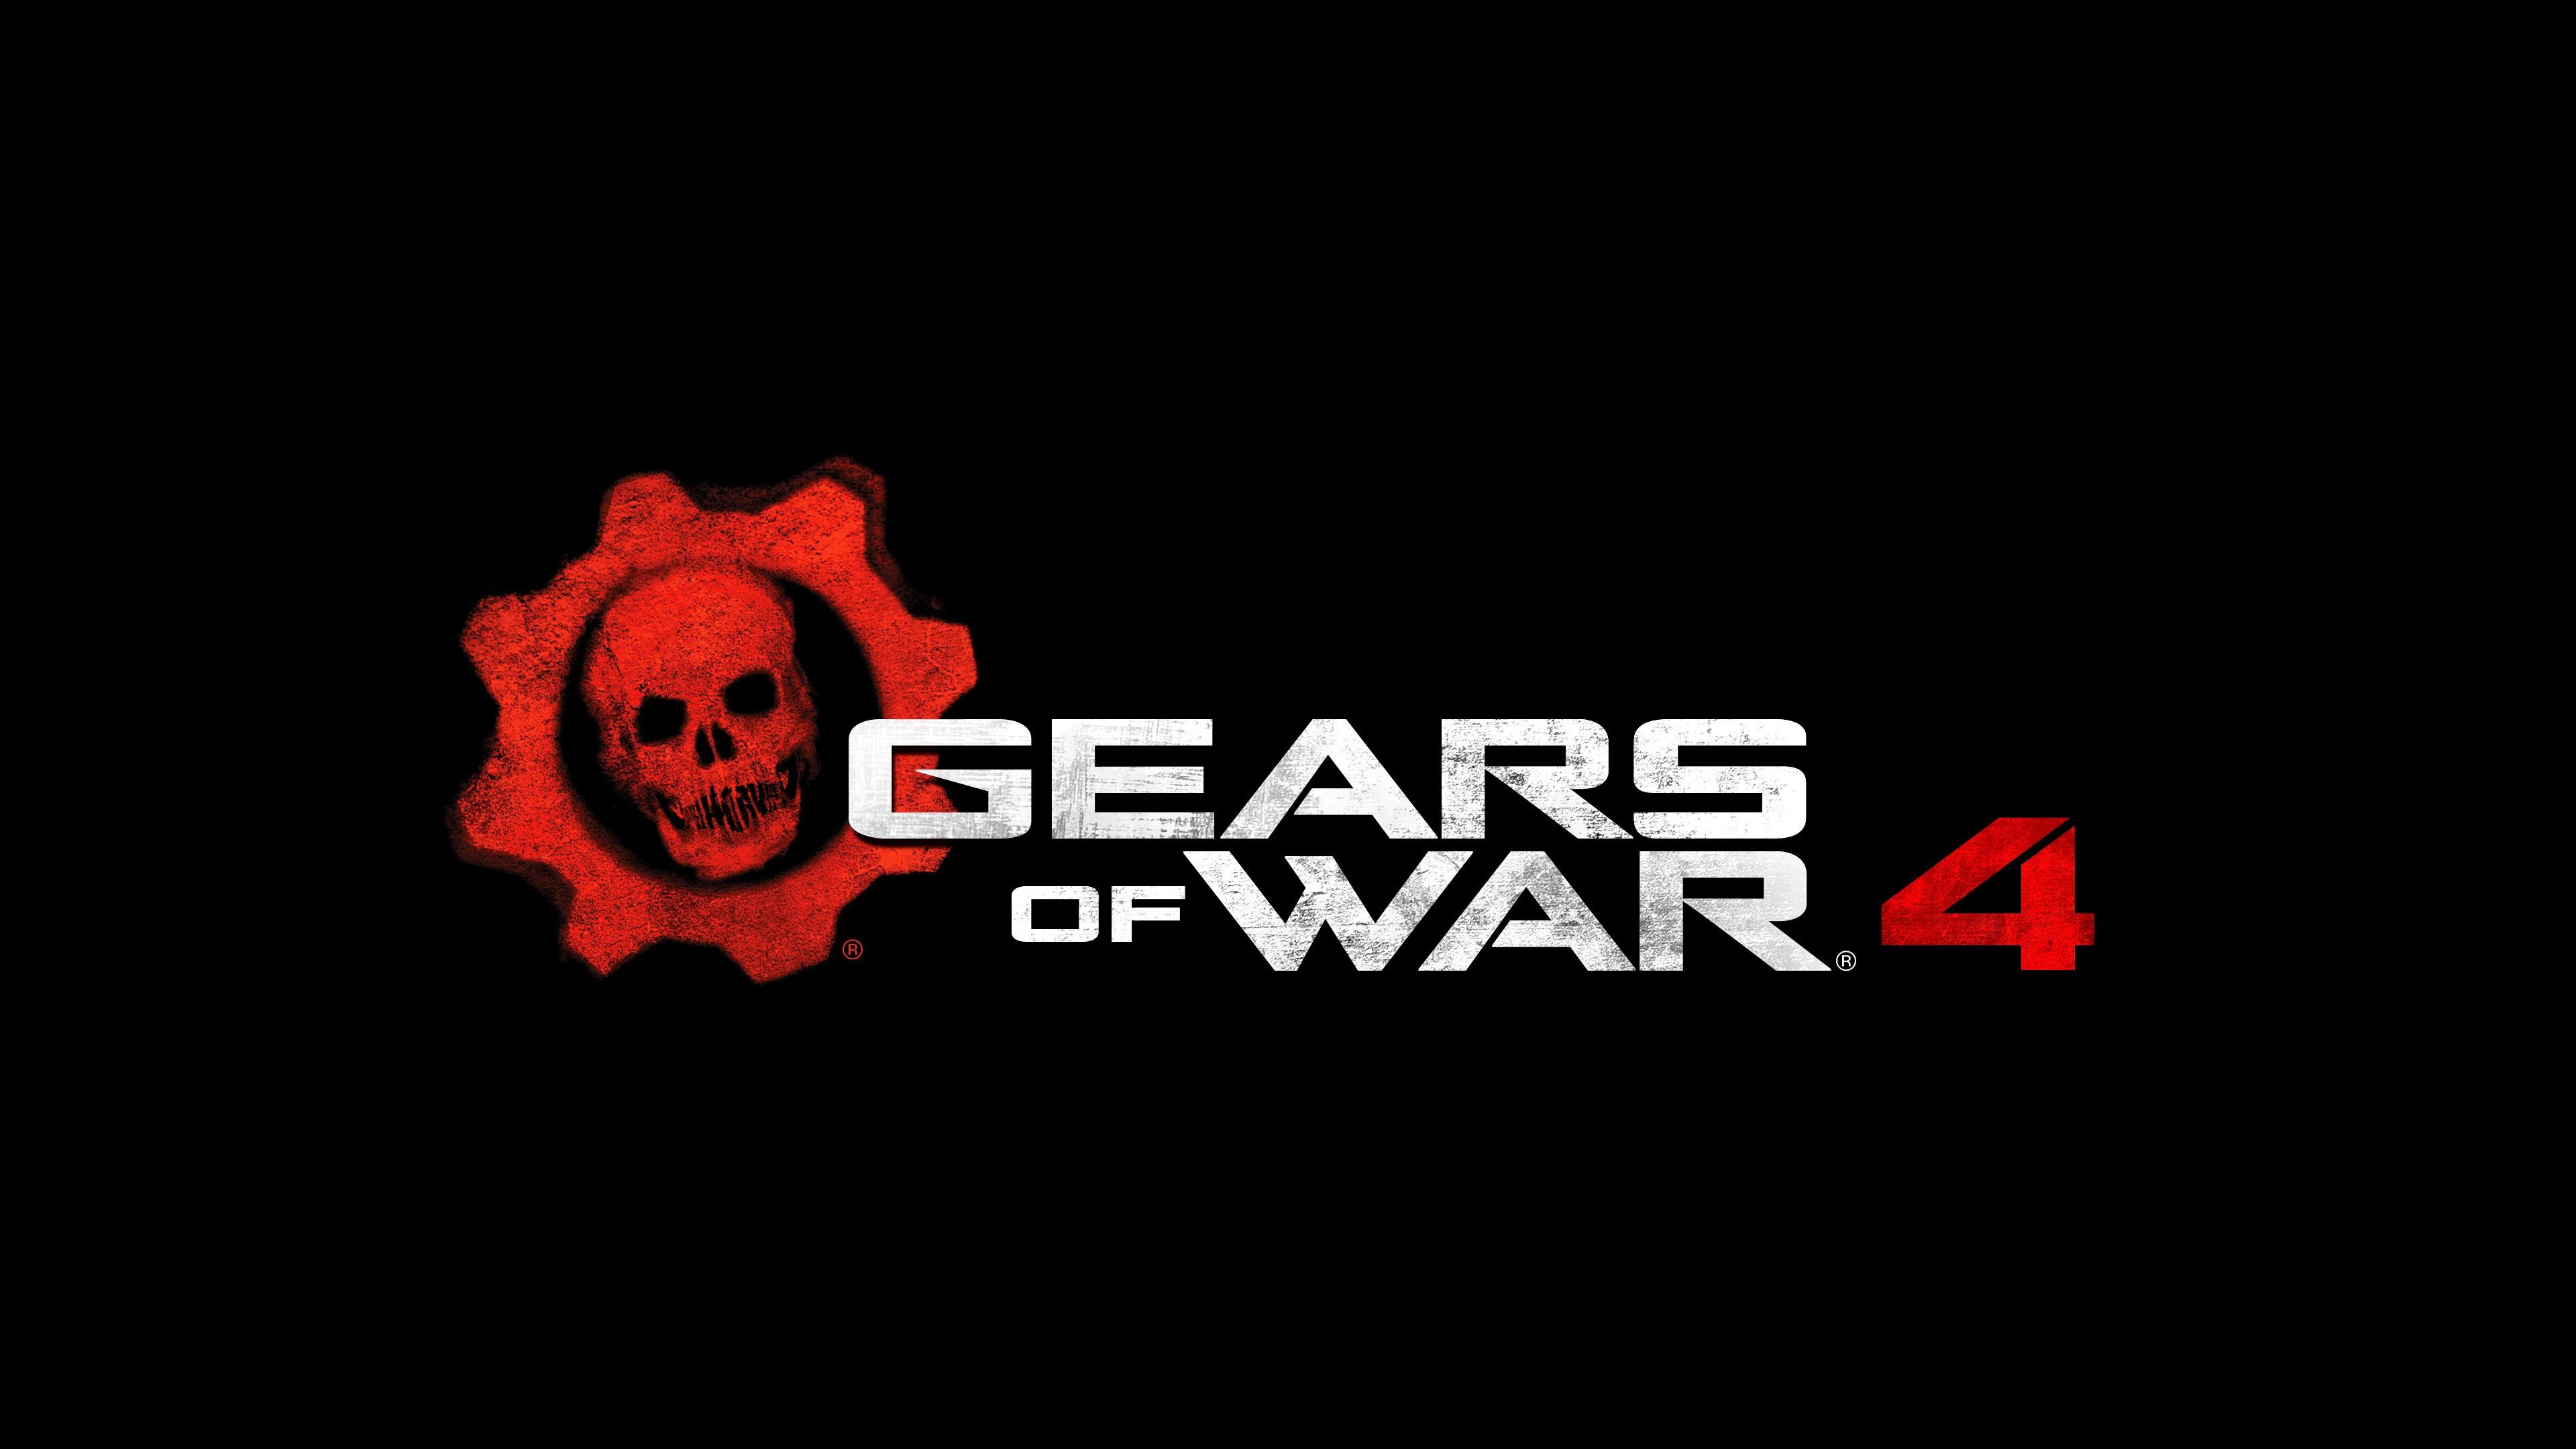 Gears Of War 4 4k Ultra Hd Wallpaper Background Image